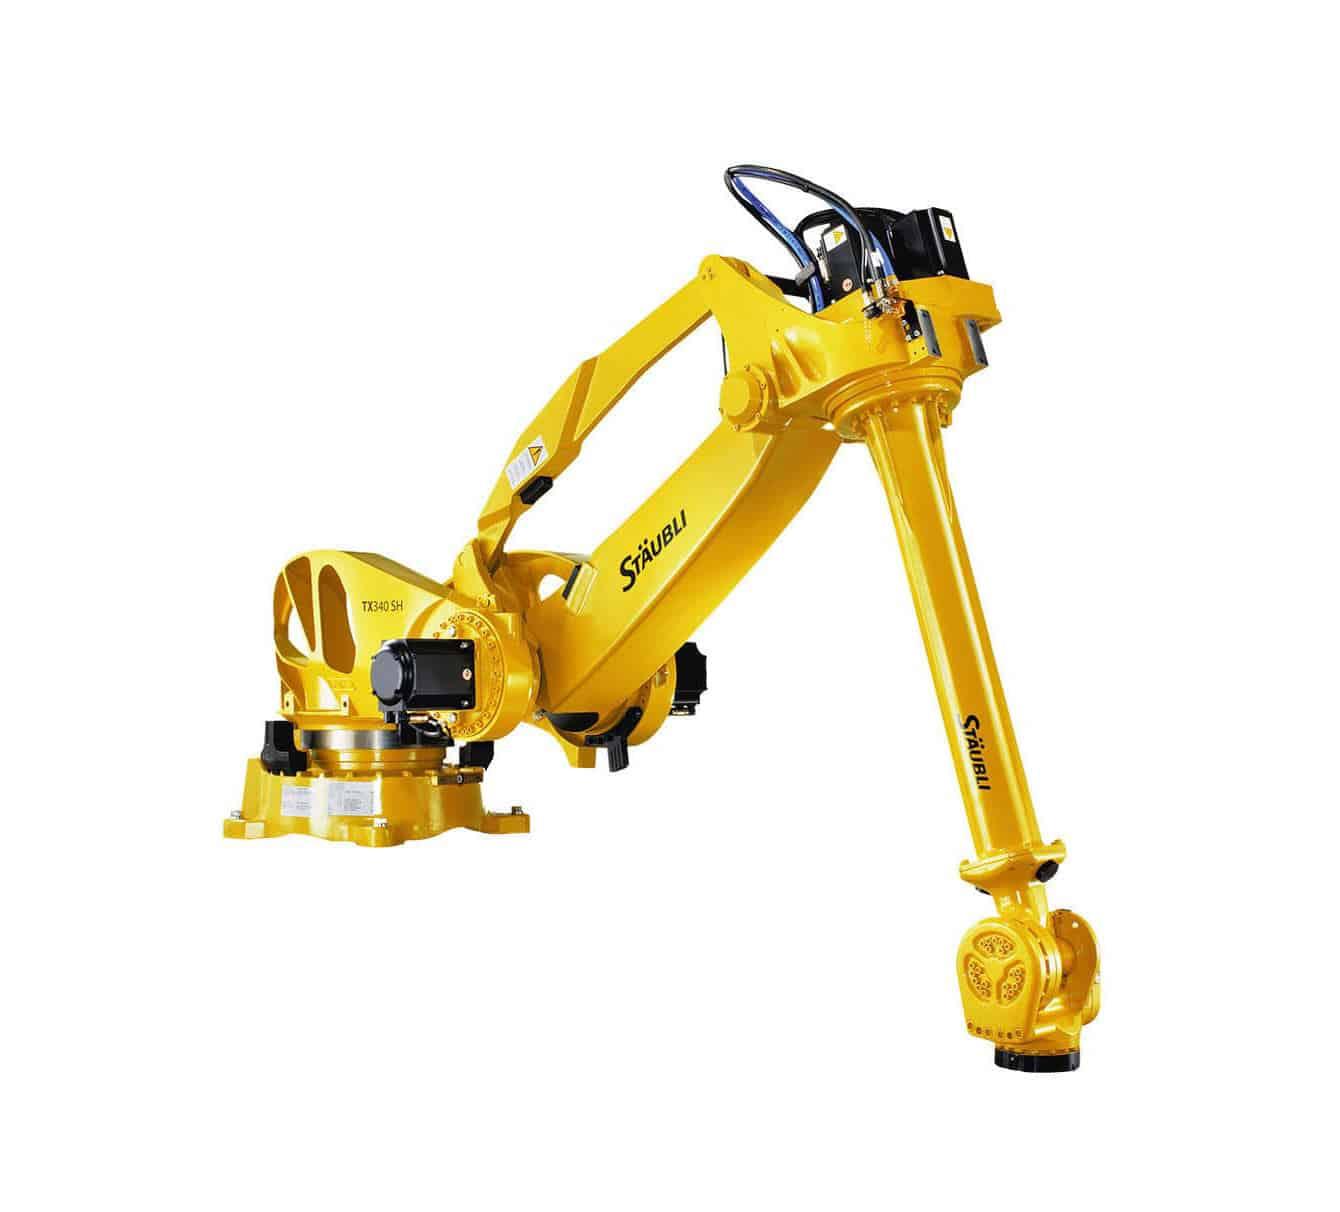 産業用ロボットを正しく選ぶには?